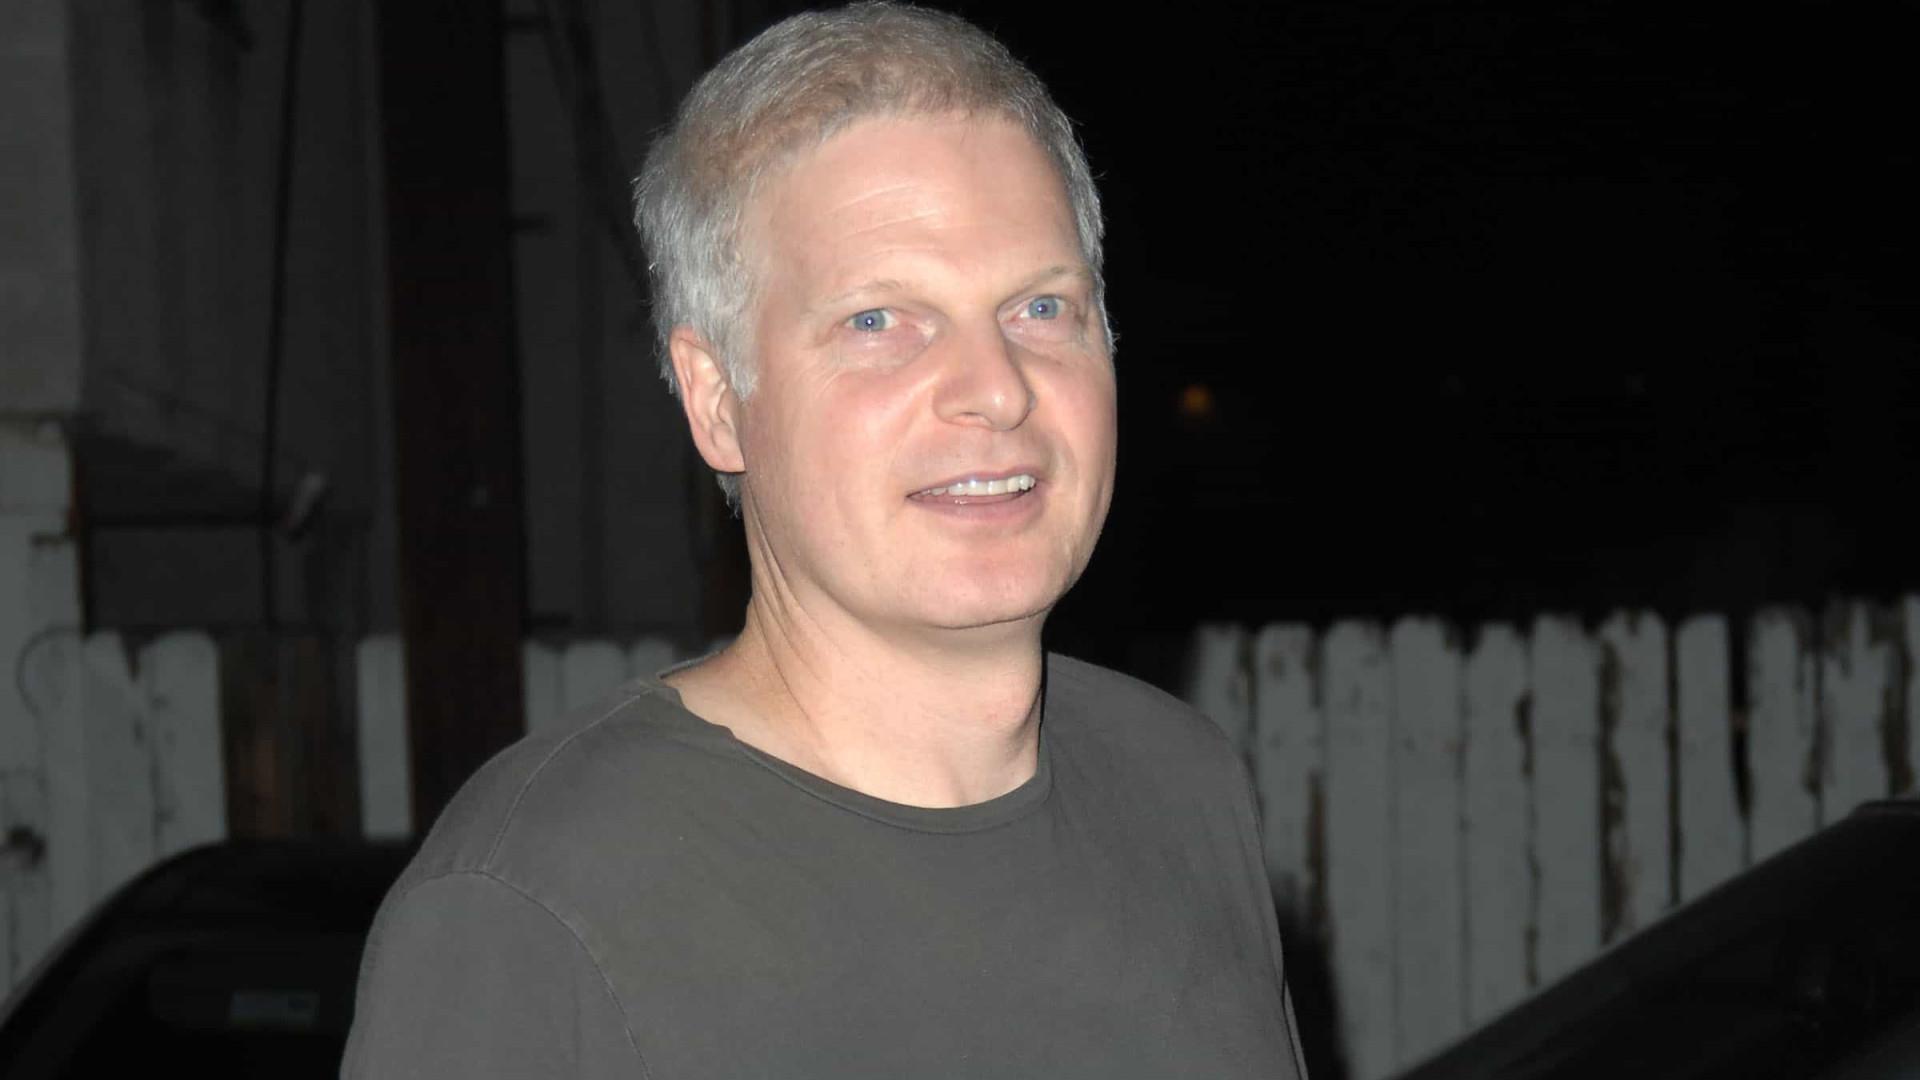 Morre Steve Bing, pai do filho de Elizabeth Hurley. Tinha 55 anos